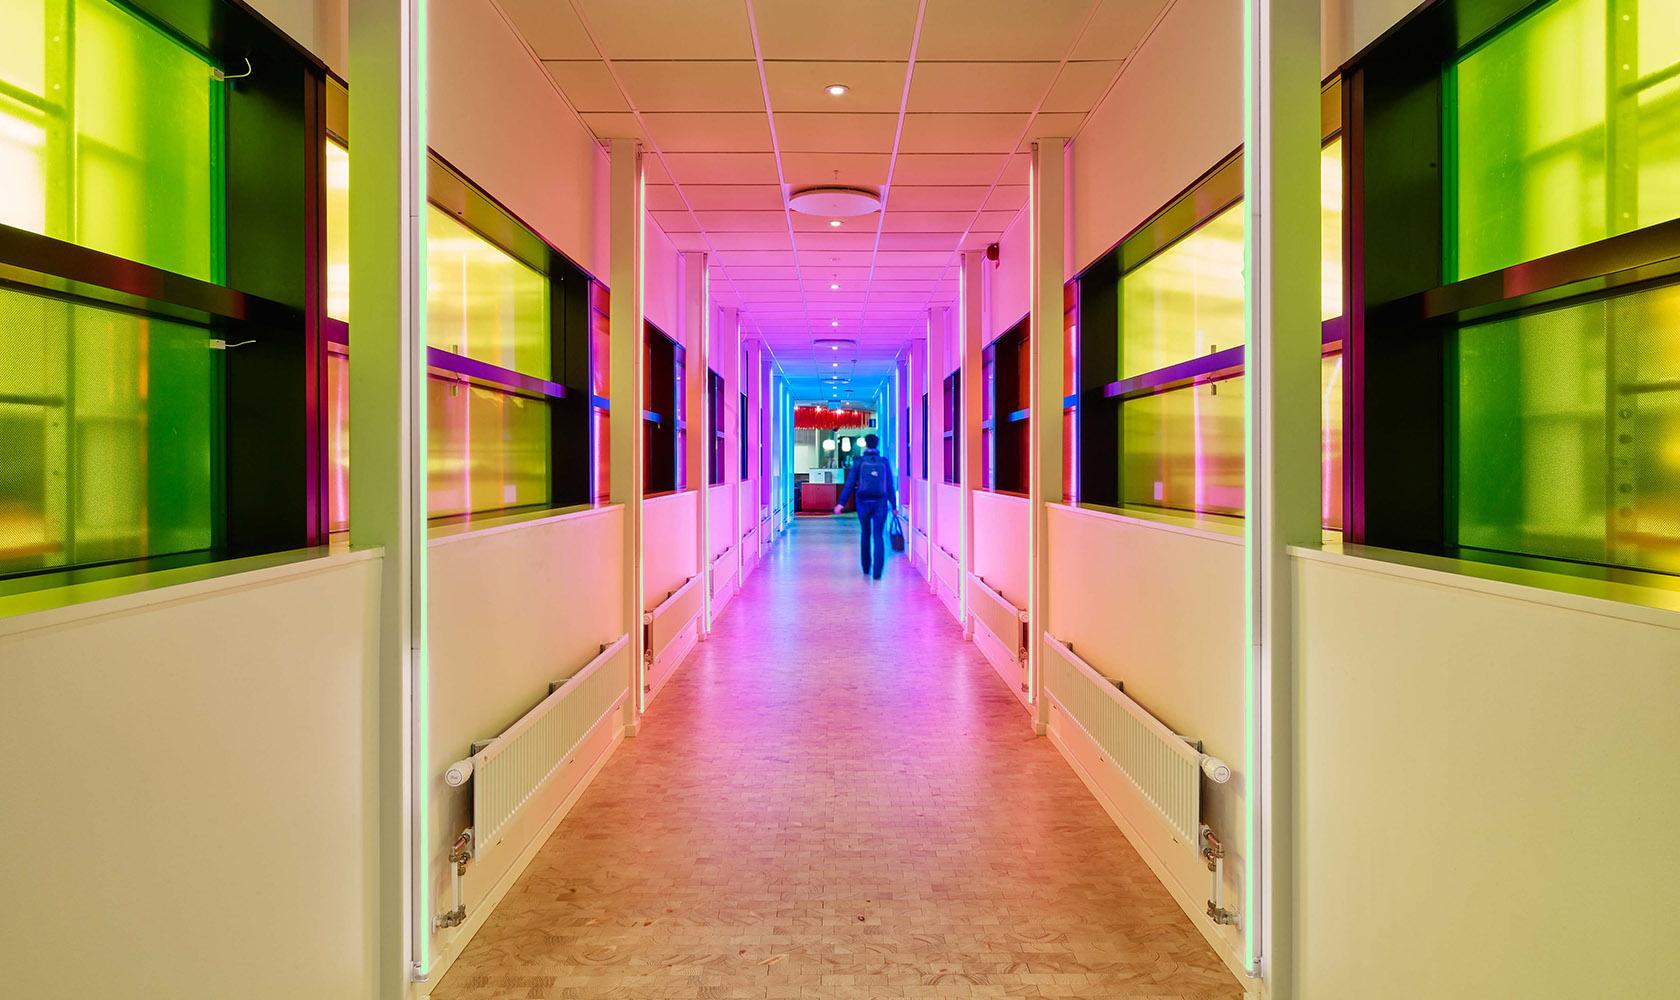 Korridor med färgglad belysning